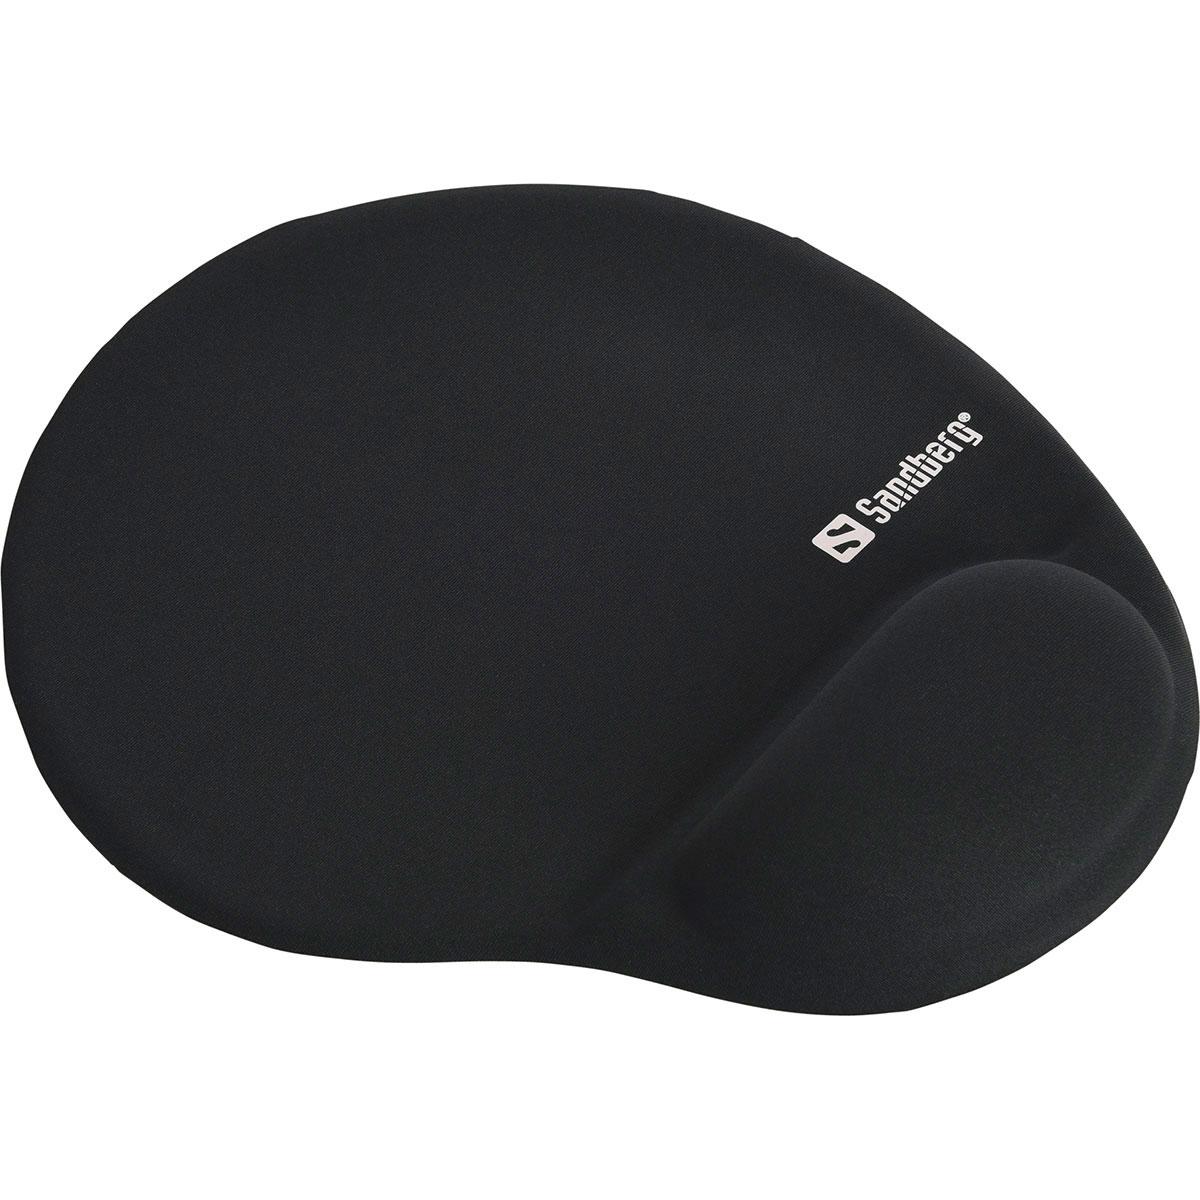 Tidsmæssigt Musemåtte med ergonomisk håndledsstøtte (Sandberg) – avXperten.dk VO-48